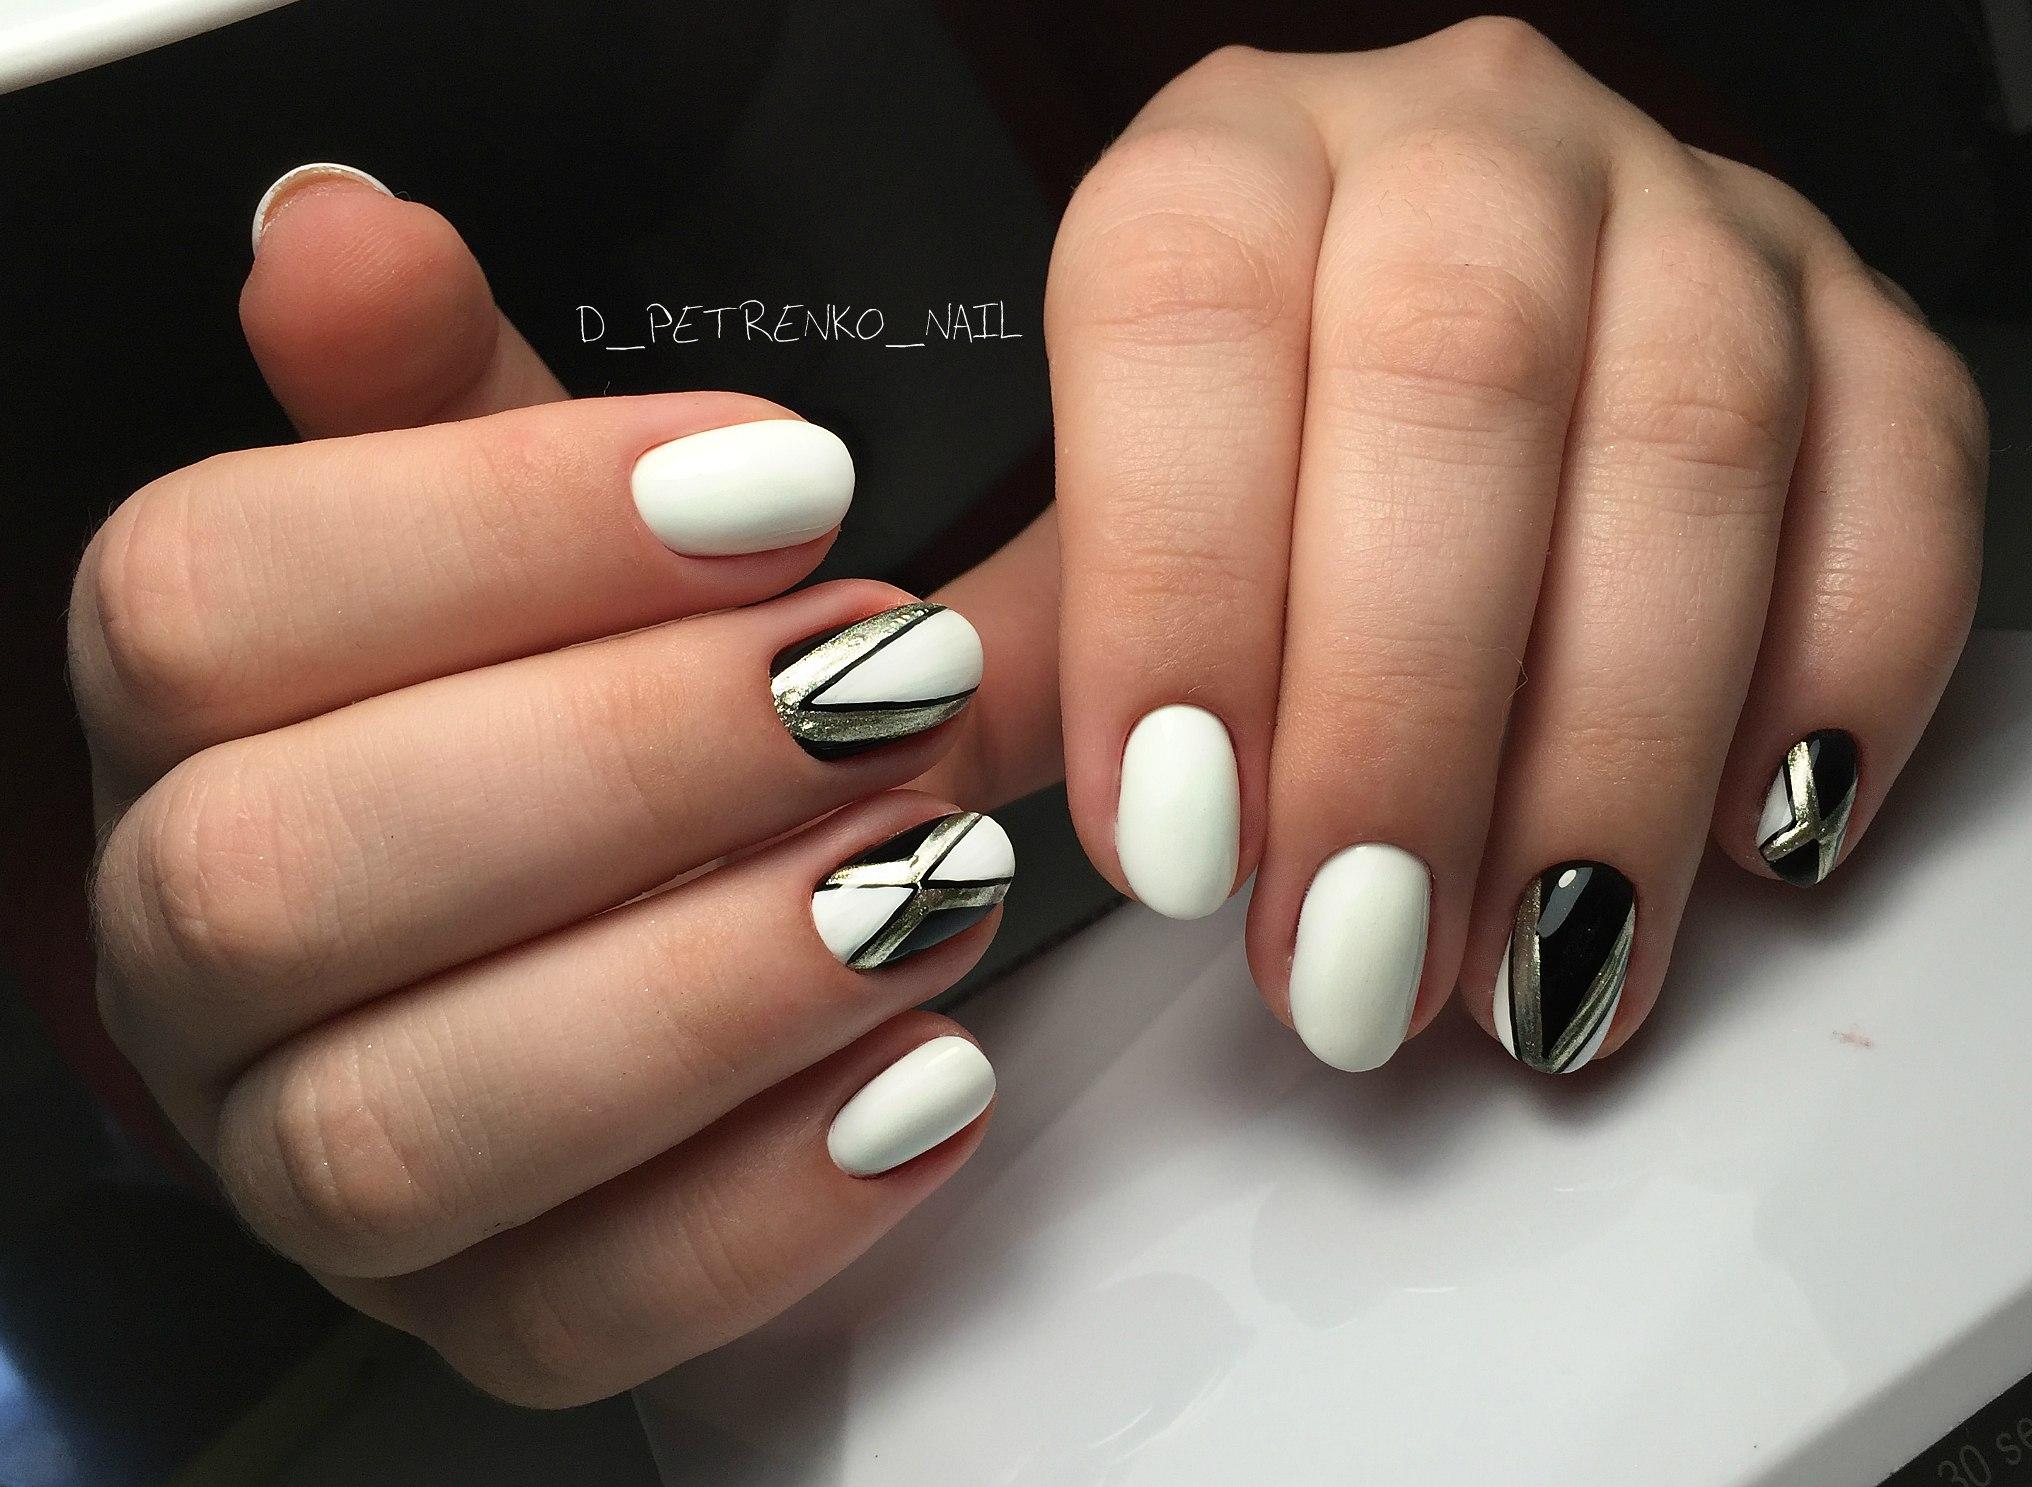 Дизайн ногтей бордовый цвет острые 20